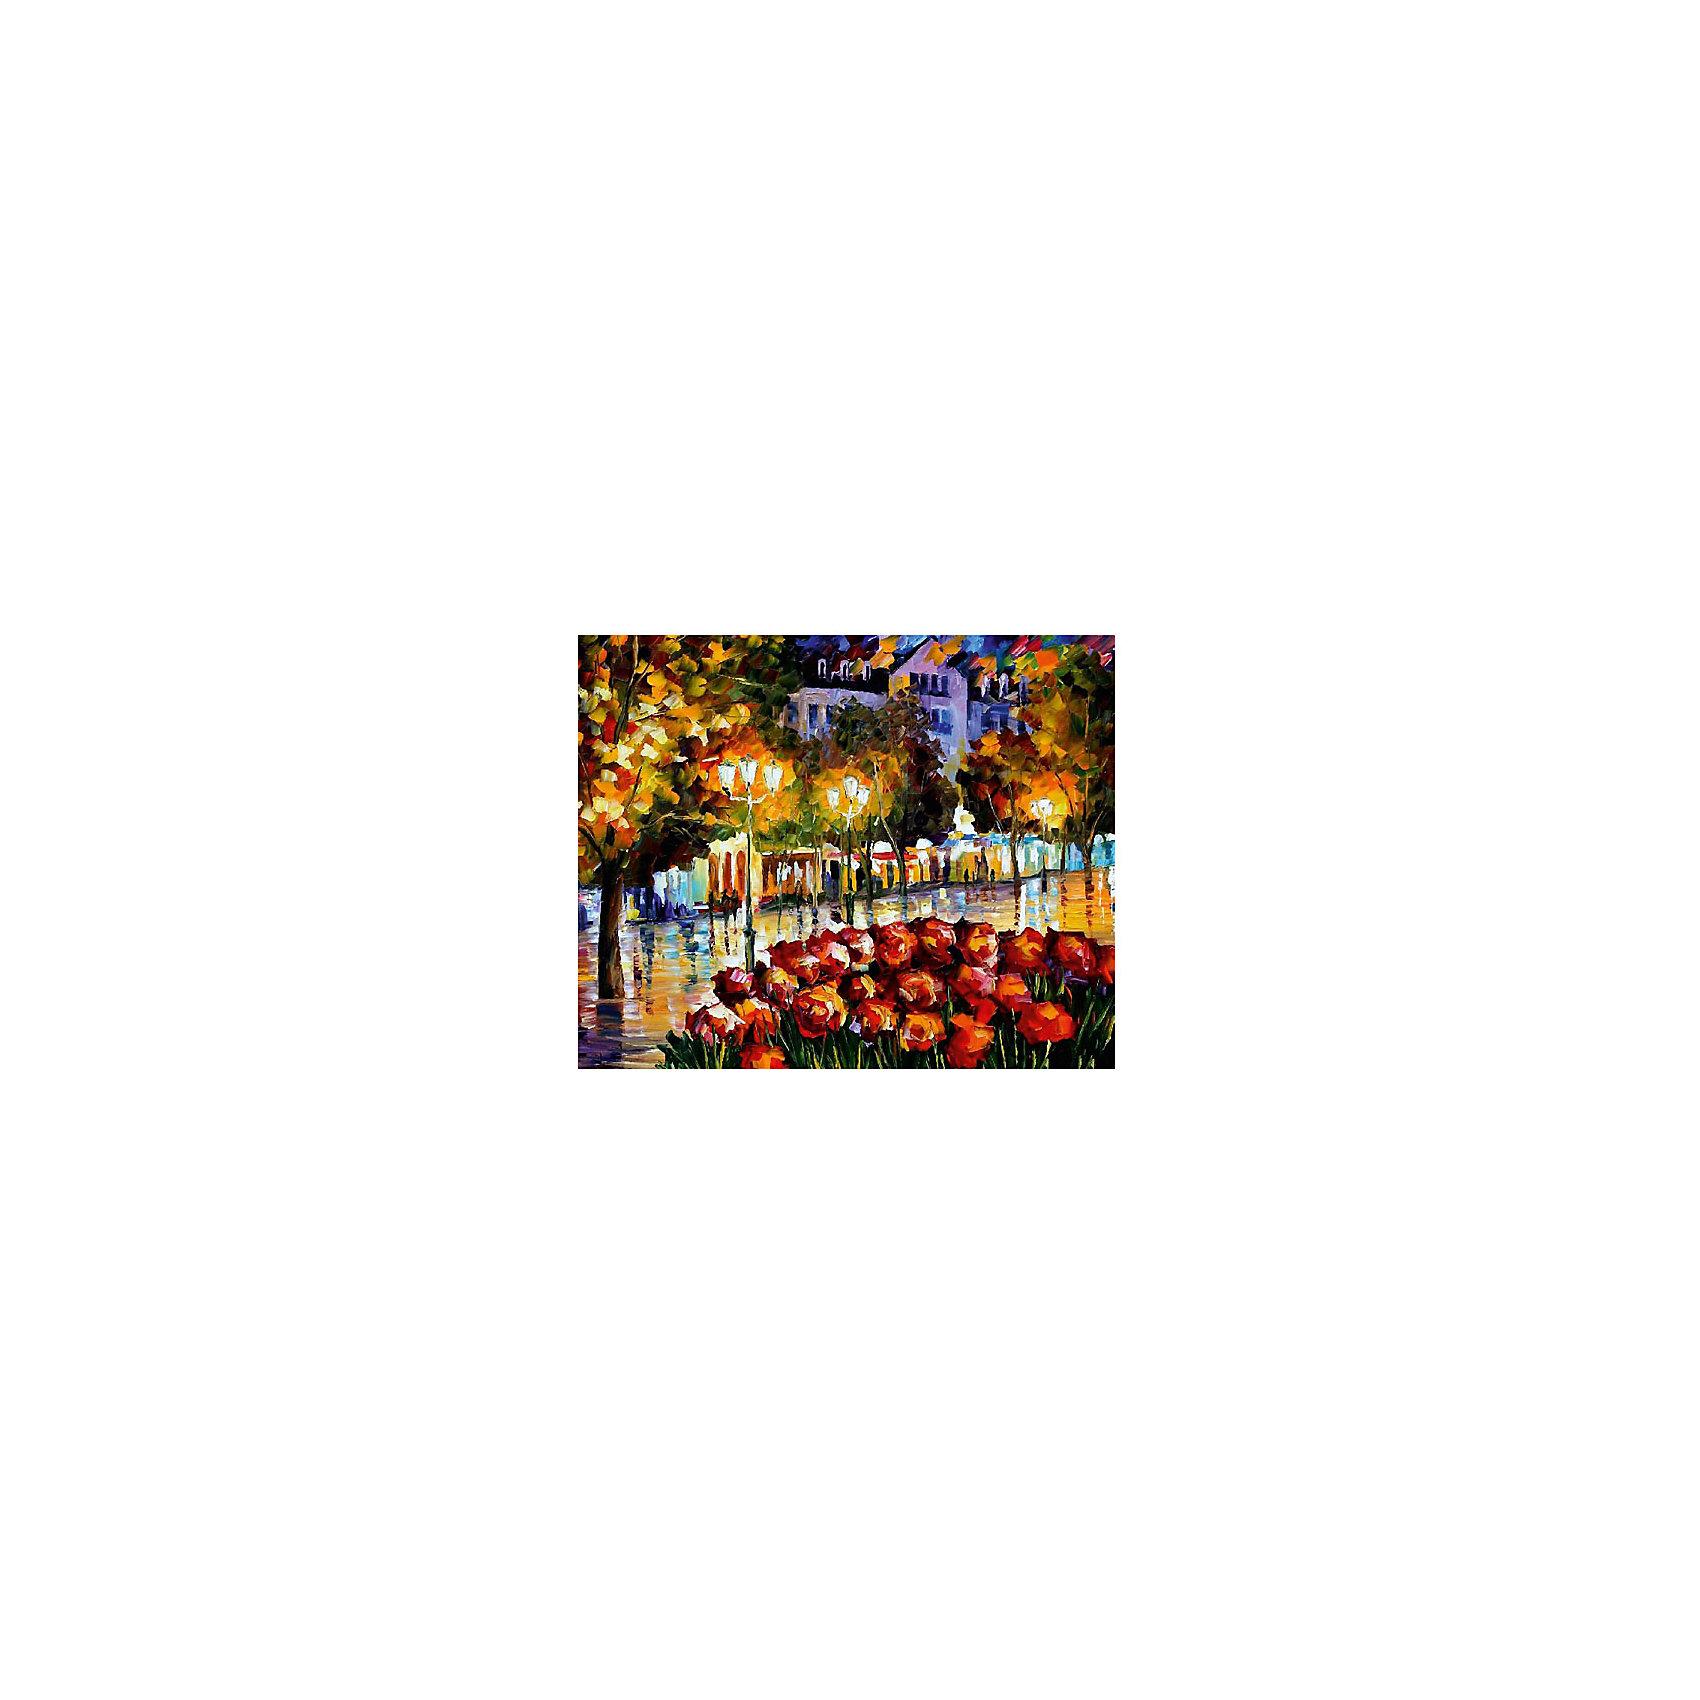 Картина по номерам Афремов: Цветы Люксембурга, 40*50 смКартины с раскраской по номерам размером 40*50. На деревянном подрамнике, с прогрунтованным холстом и  нанесенными контурами картины, с указанием цвета закраски, акриловыми красками, 3 кисточками и креплением на стену. Уровень сложности, количество красок указаны на коробке.<br><br>Ширина мм: 500<br>Глубина мм: 400<br>Высота мм: 40<br>Вес г: 730<br>Возраст от месяцев: 108<br>Возраст до месяцев: 2147483647<br>Пол: Унисекс<br>Возраст: Детский<br>SKU: 5417692